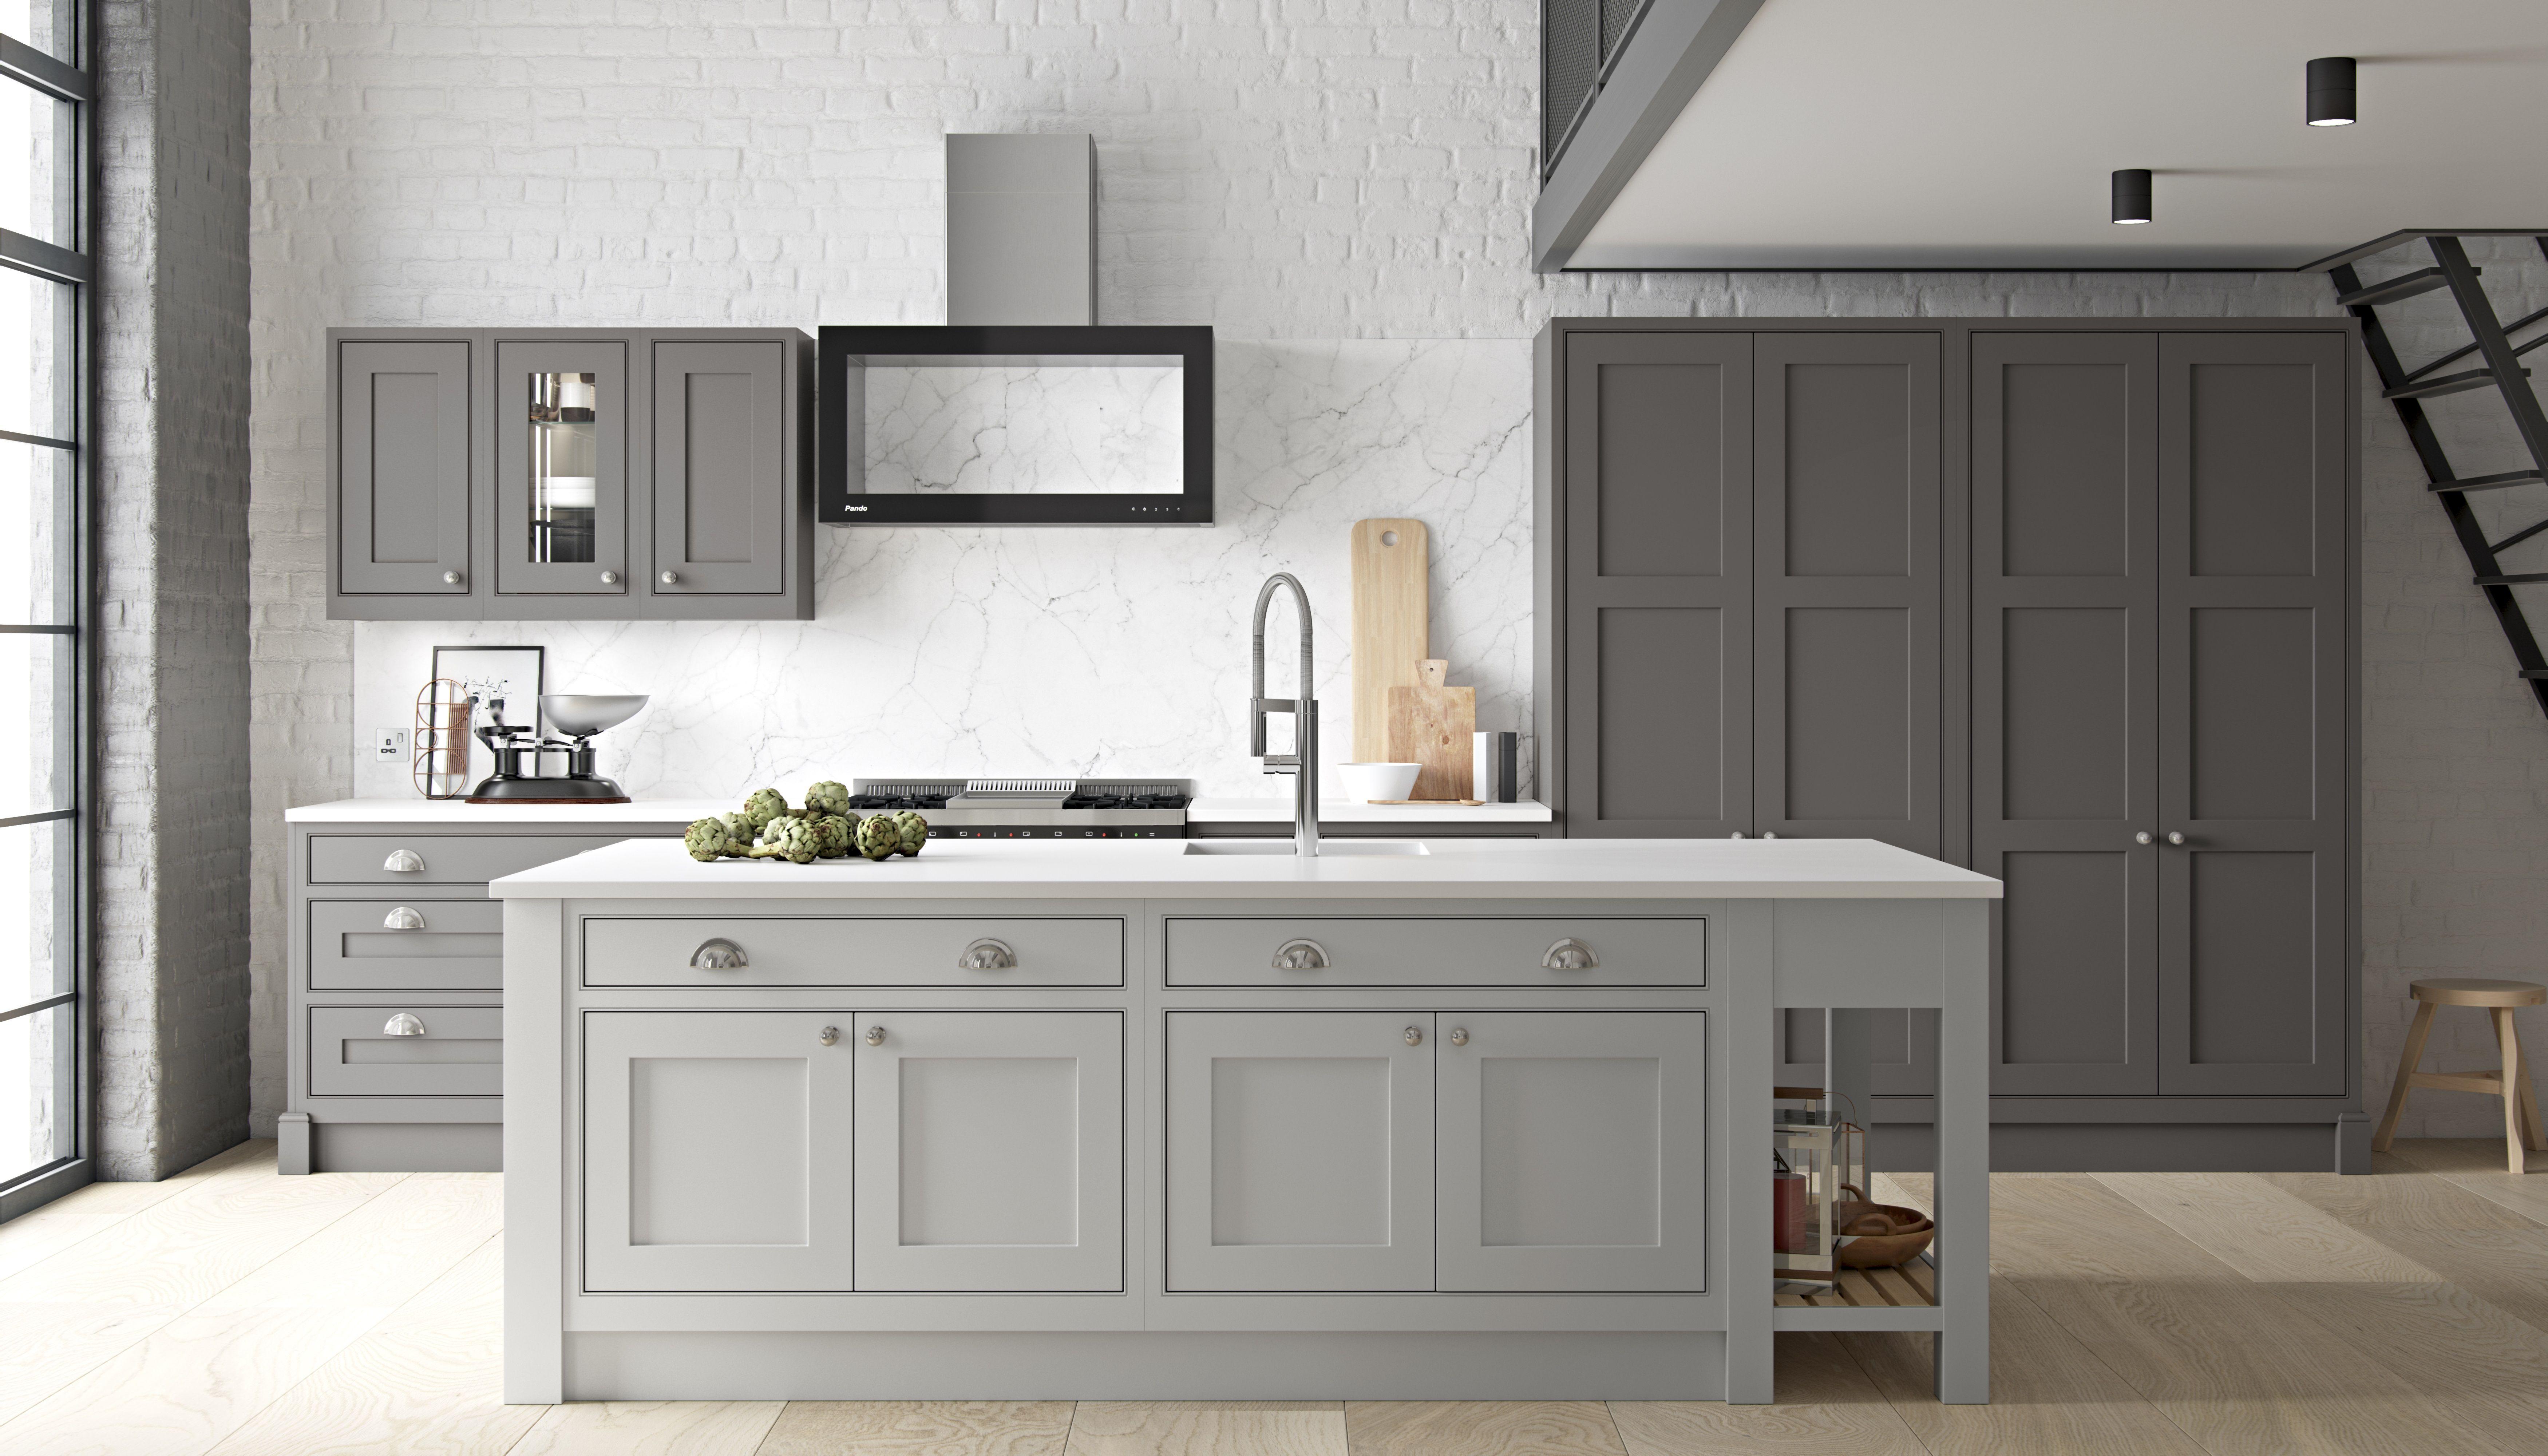 kitchen showroom in Thatcham, Berkshire Luxury kitchen